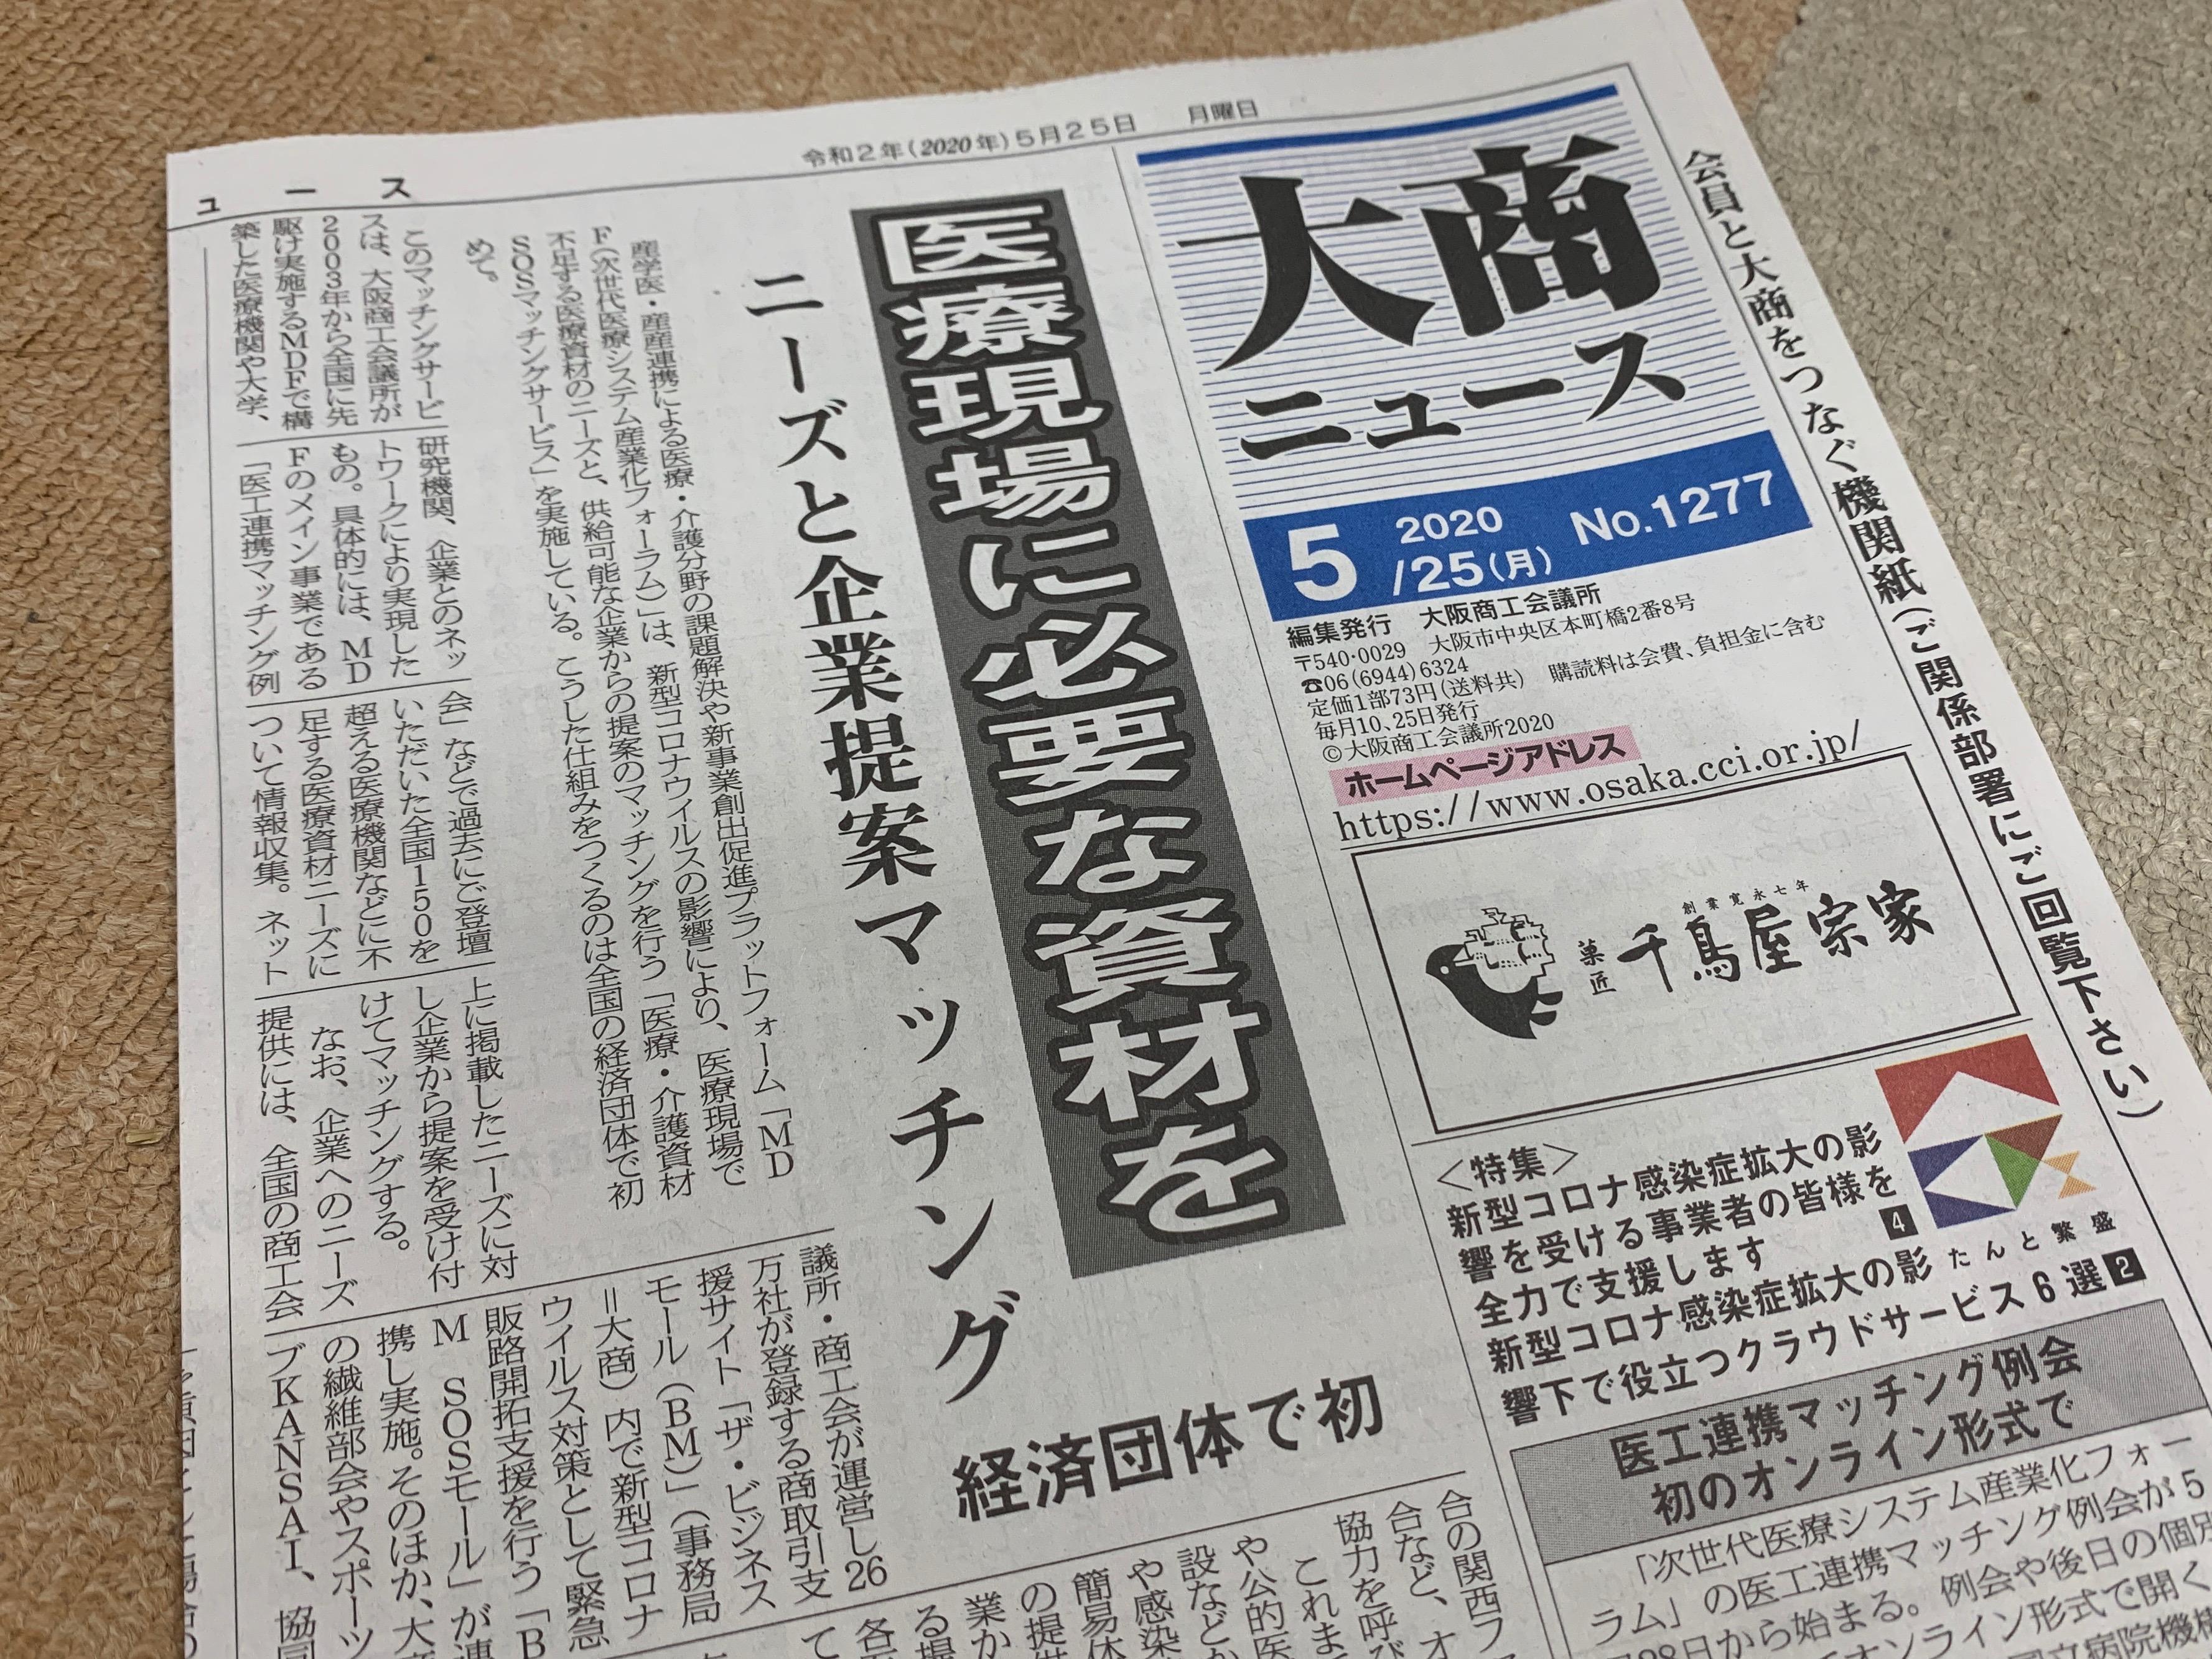 大阪商工会議所の会員向け機関紙「大商ニュース」に弊社の取り組み記事が掲載